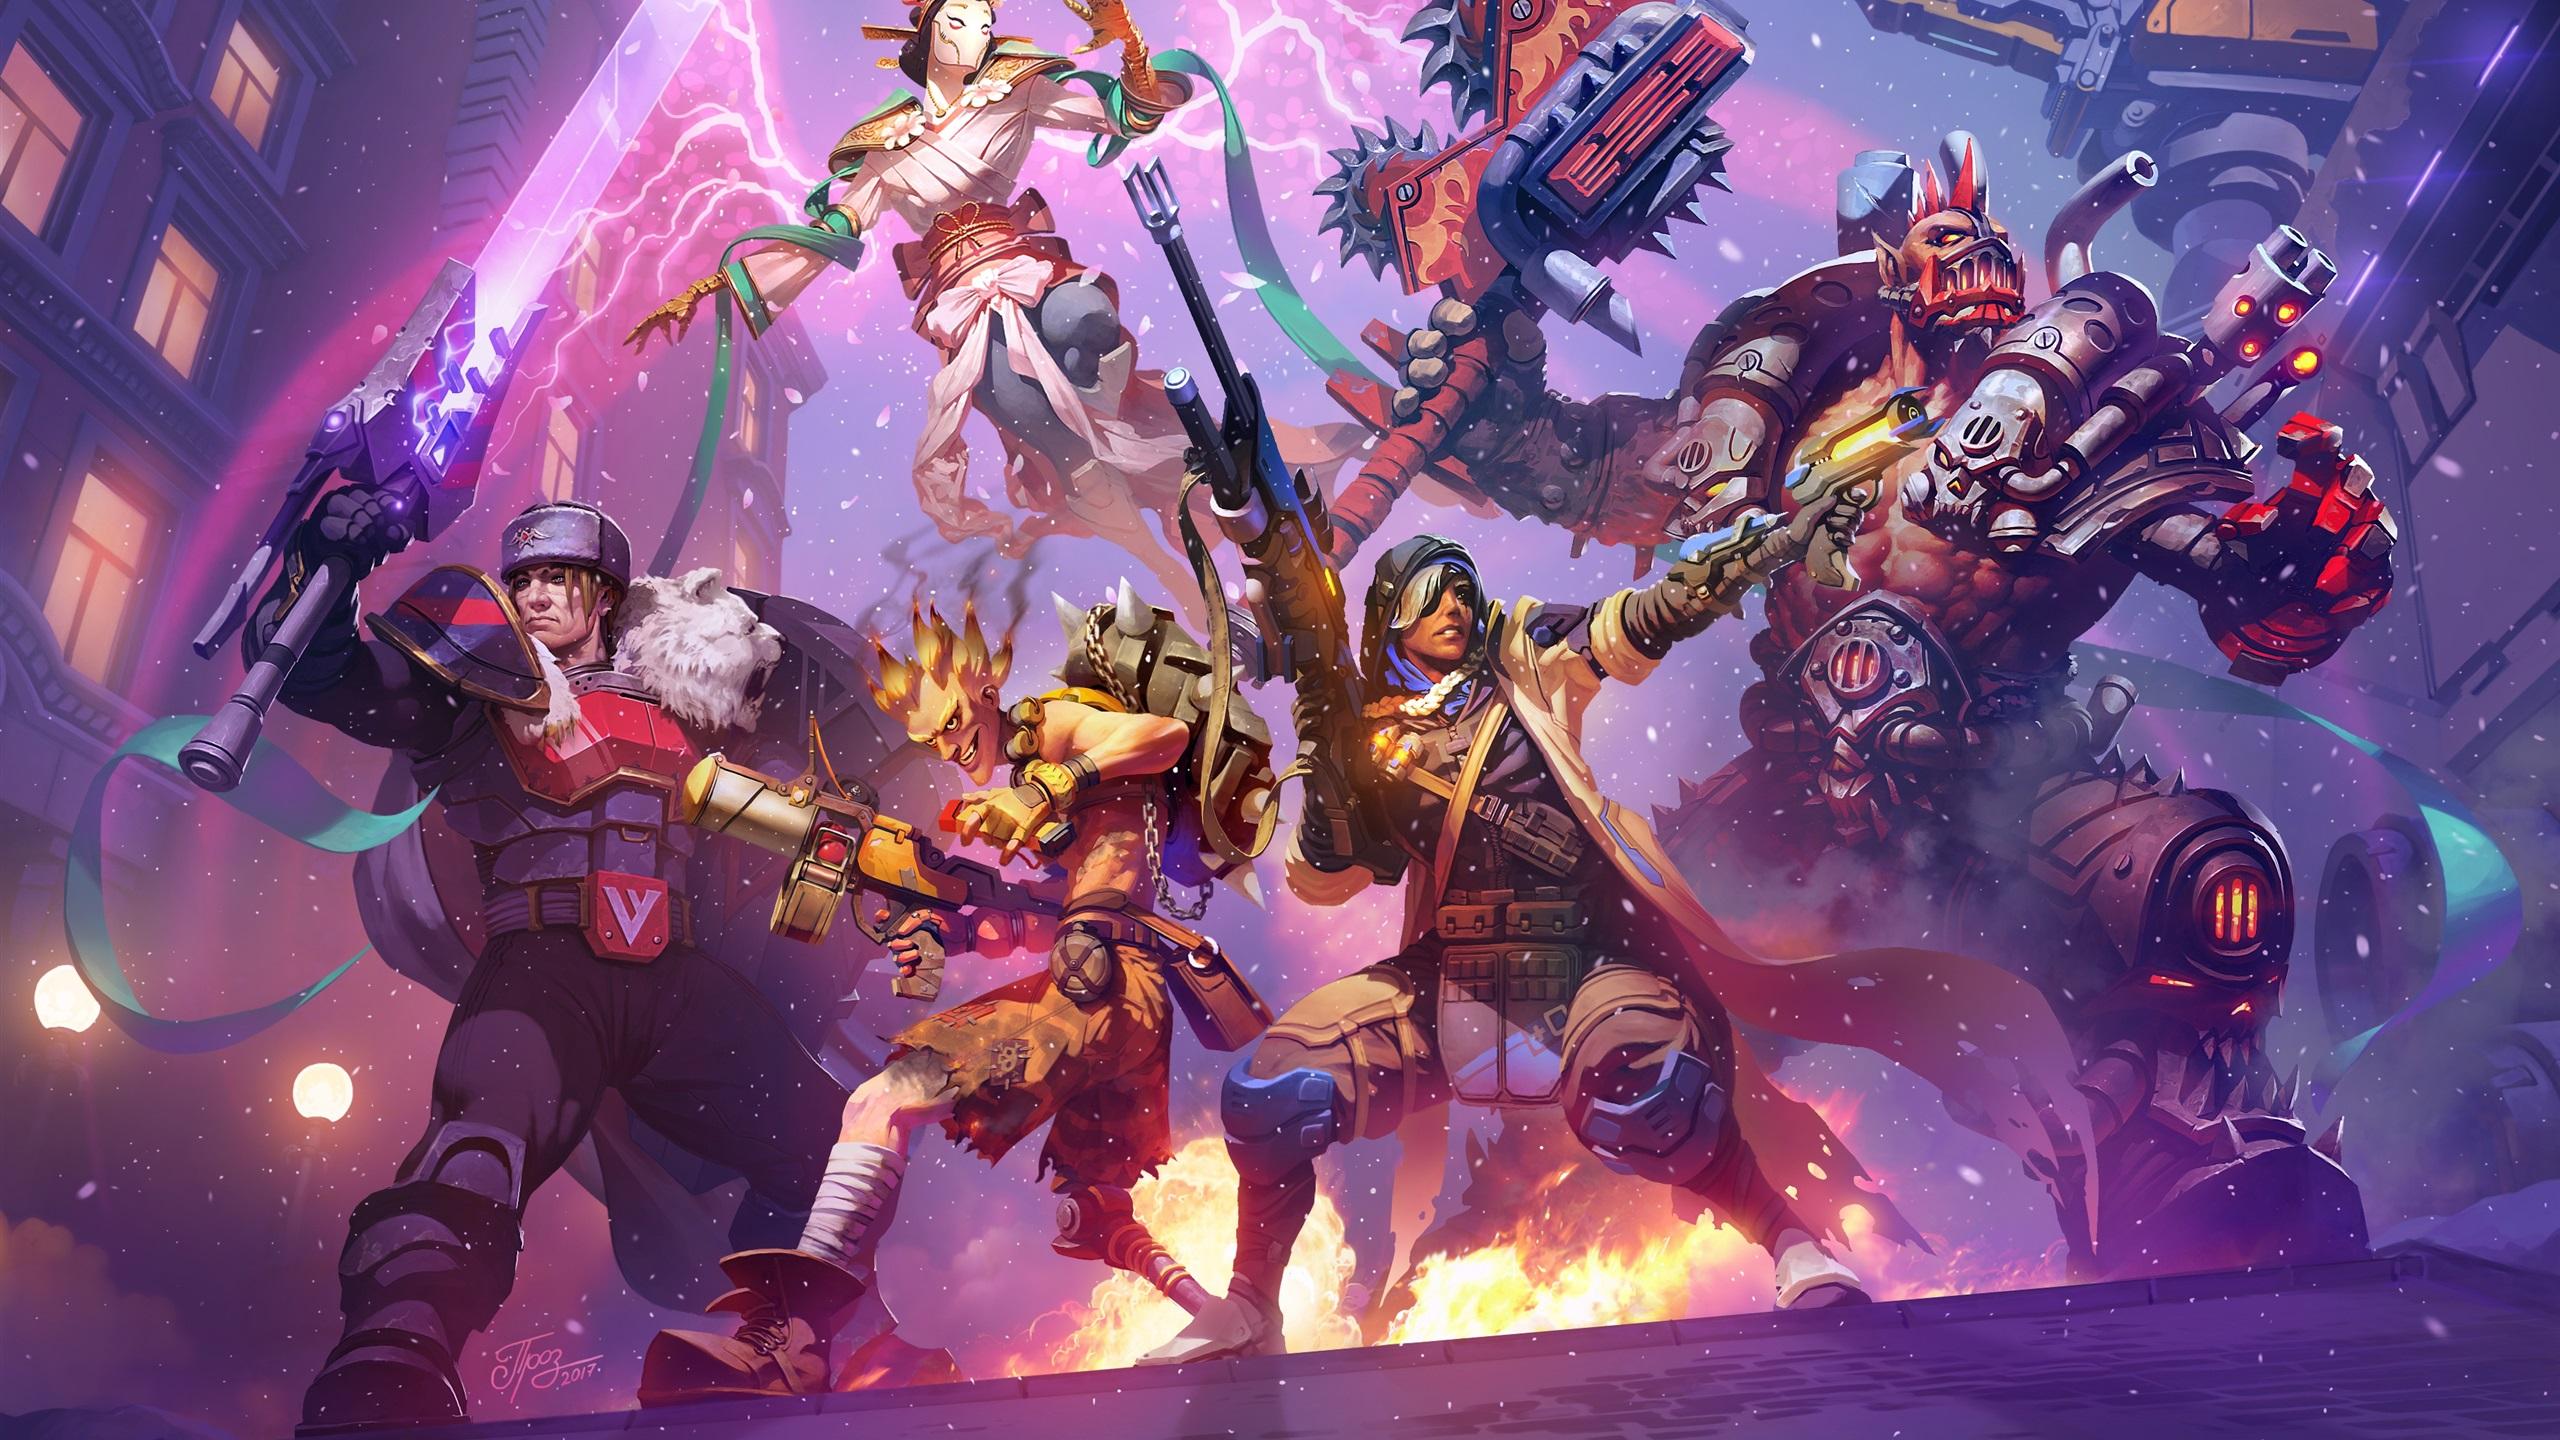 Fondos De Pantalla Heroes Of The Storm Overwatch Imagen De